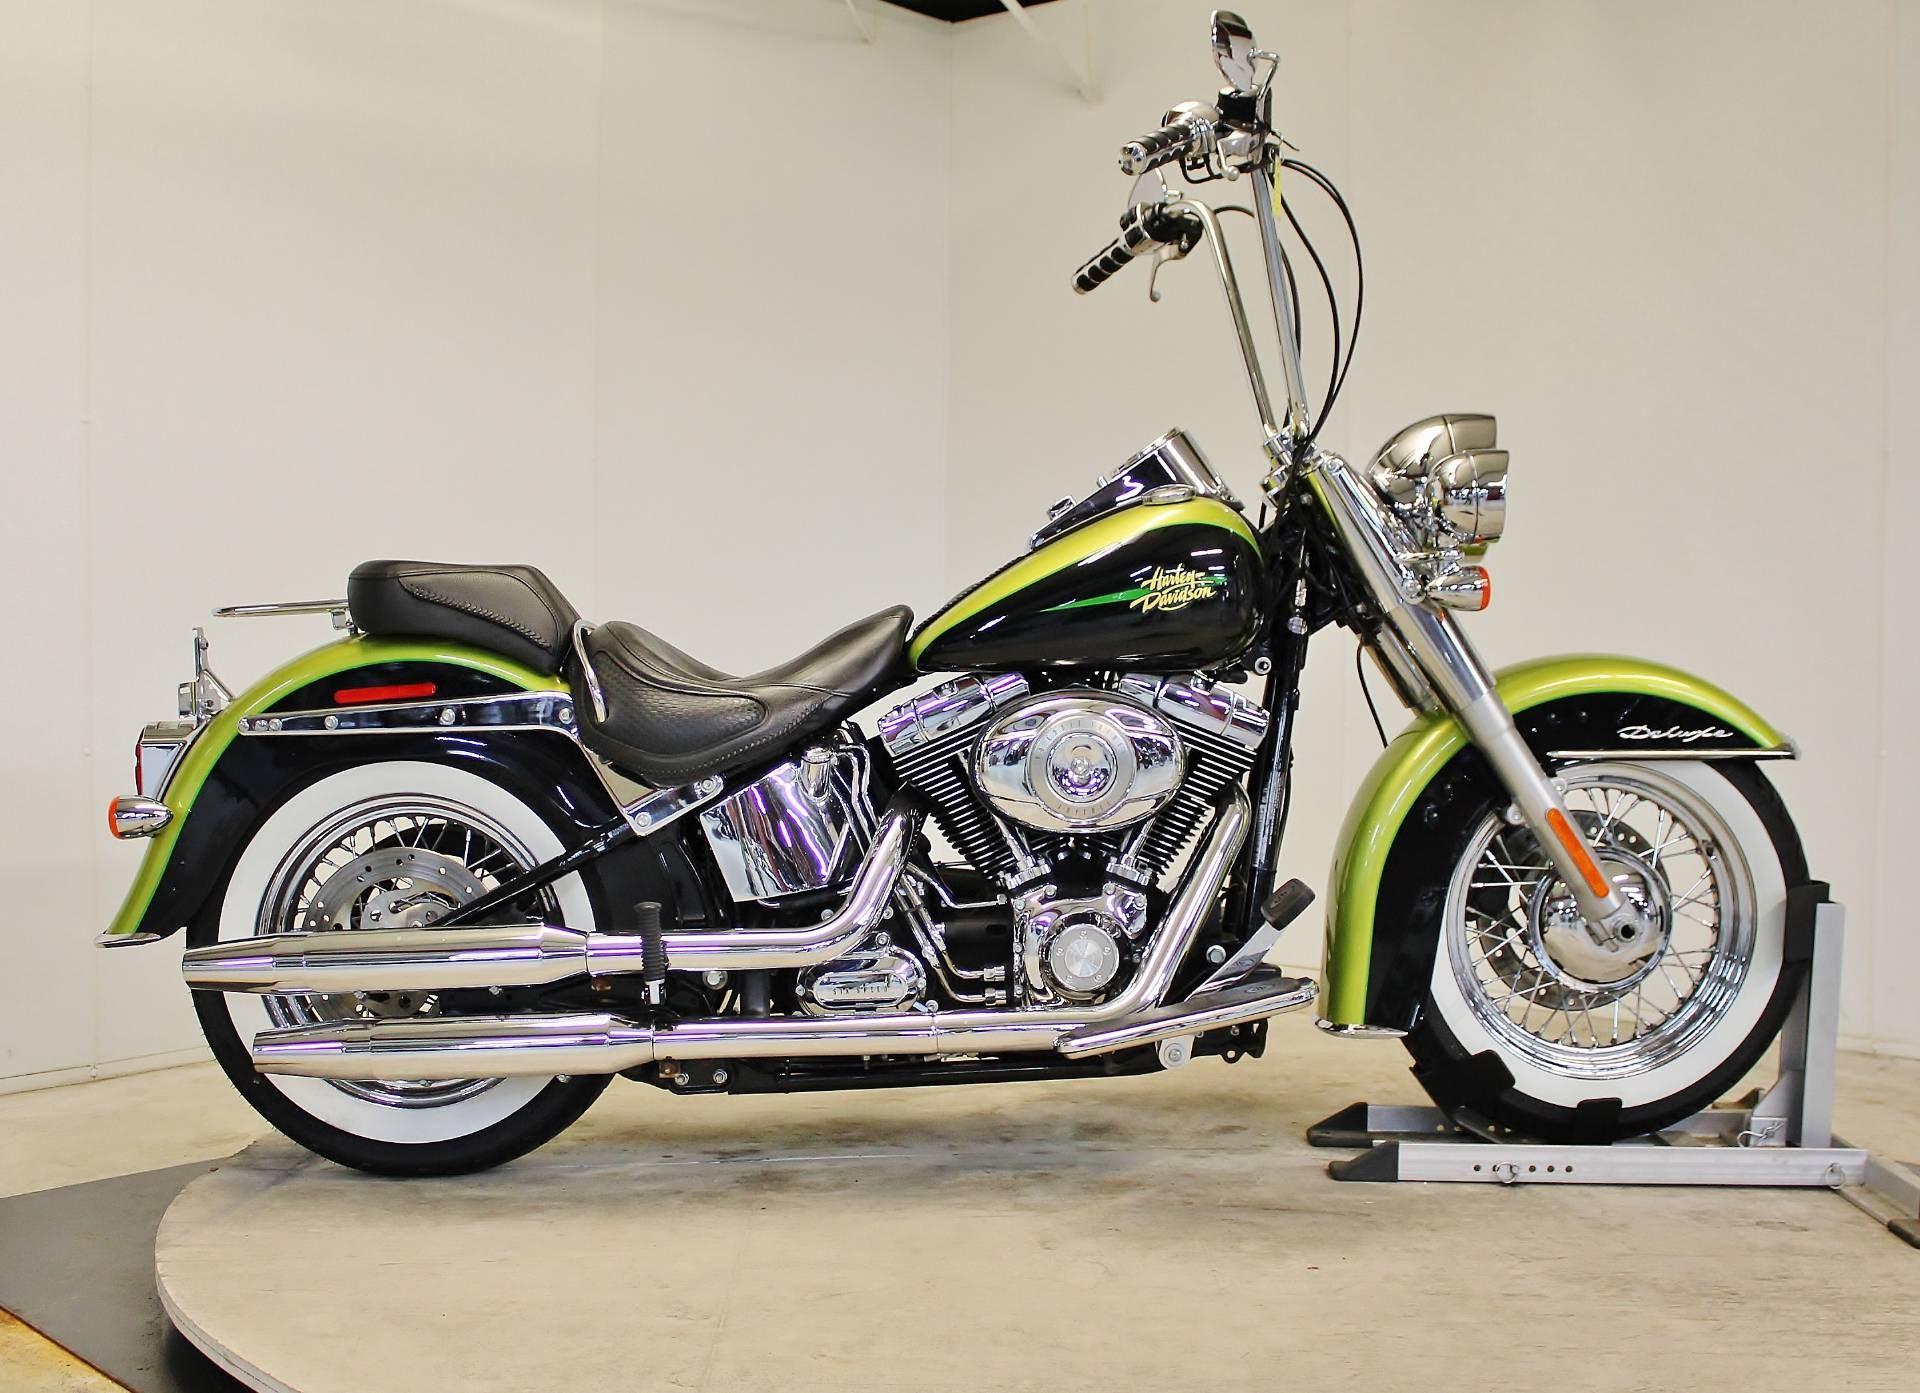 Apple Green Harley Davidson For Sale